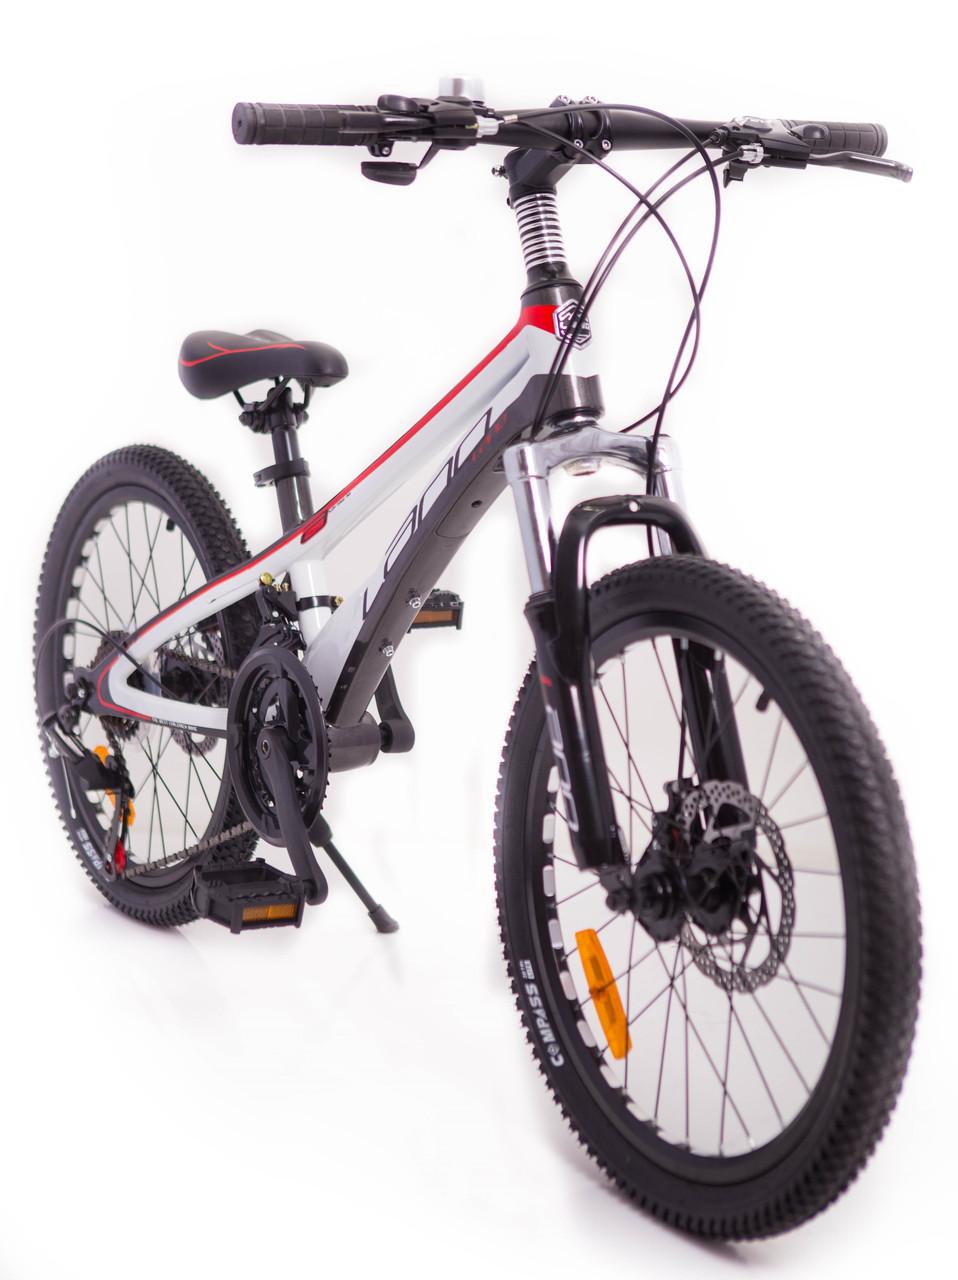 Горный подростковый магниевый велосипед LANQ VA210 Колёса 20 дюймов